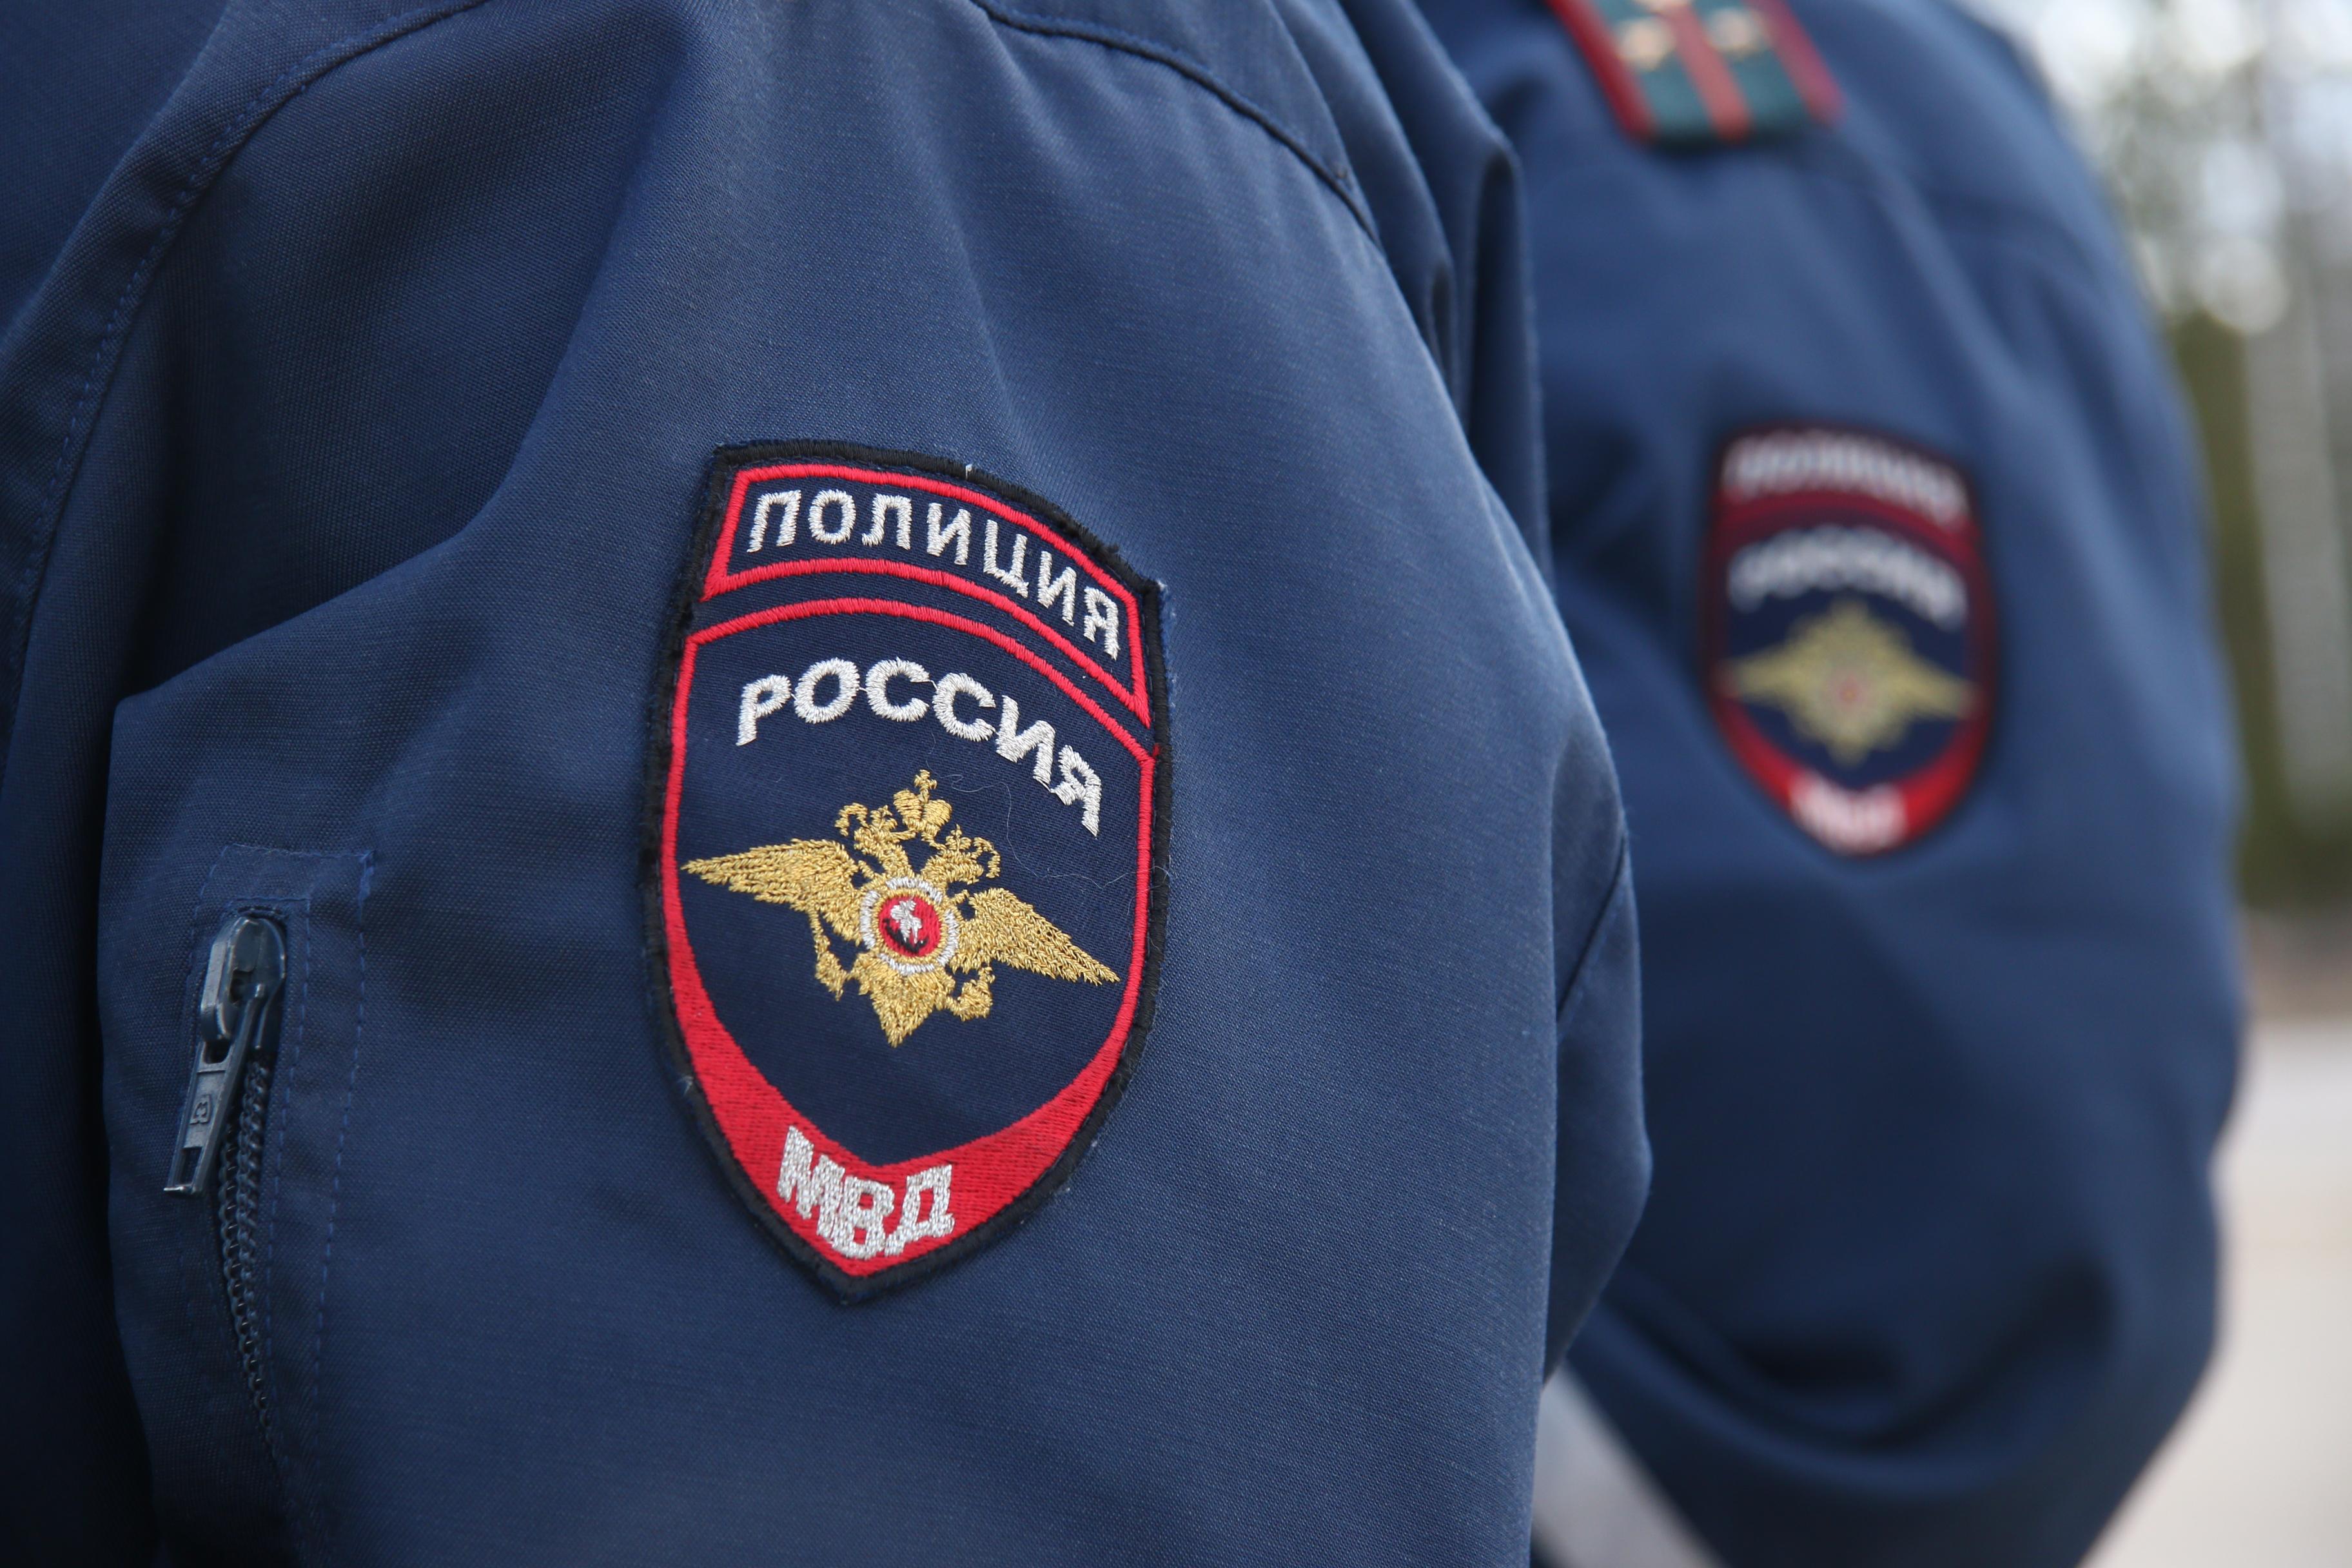 Очередной участник «разборки» вцыганском поселке Екатеринбурга взят под стражу